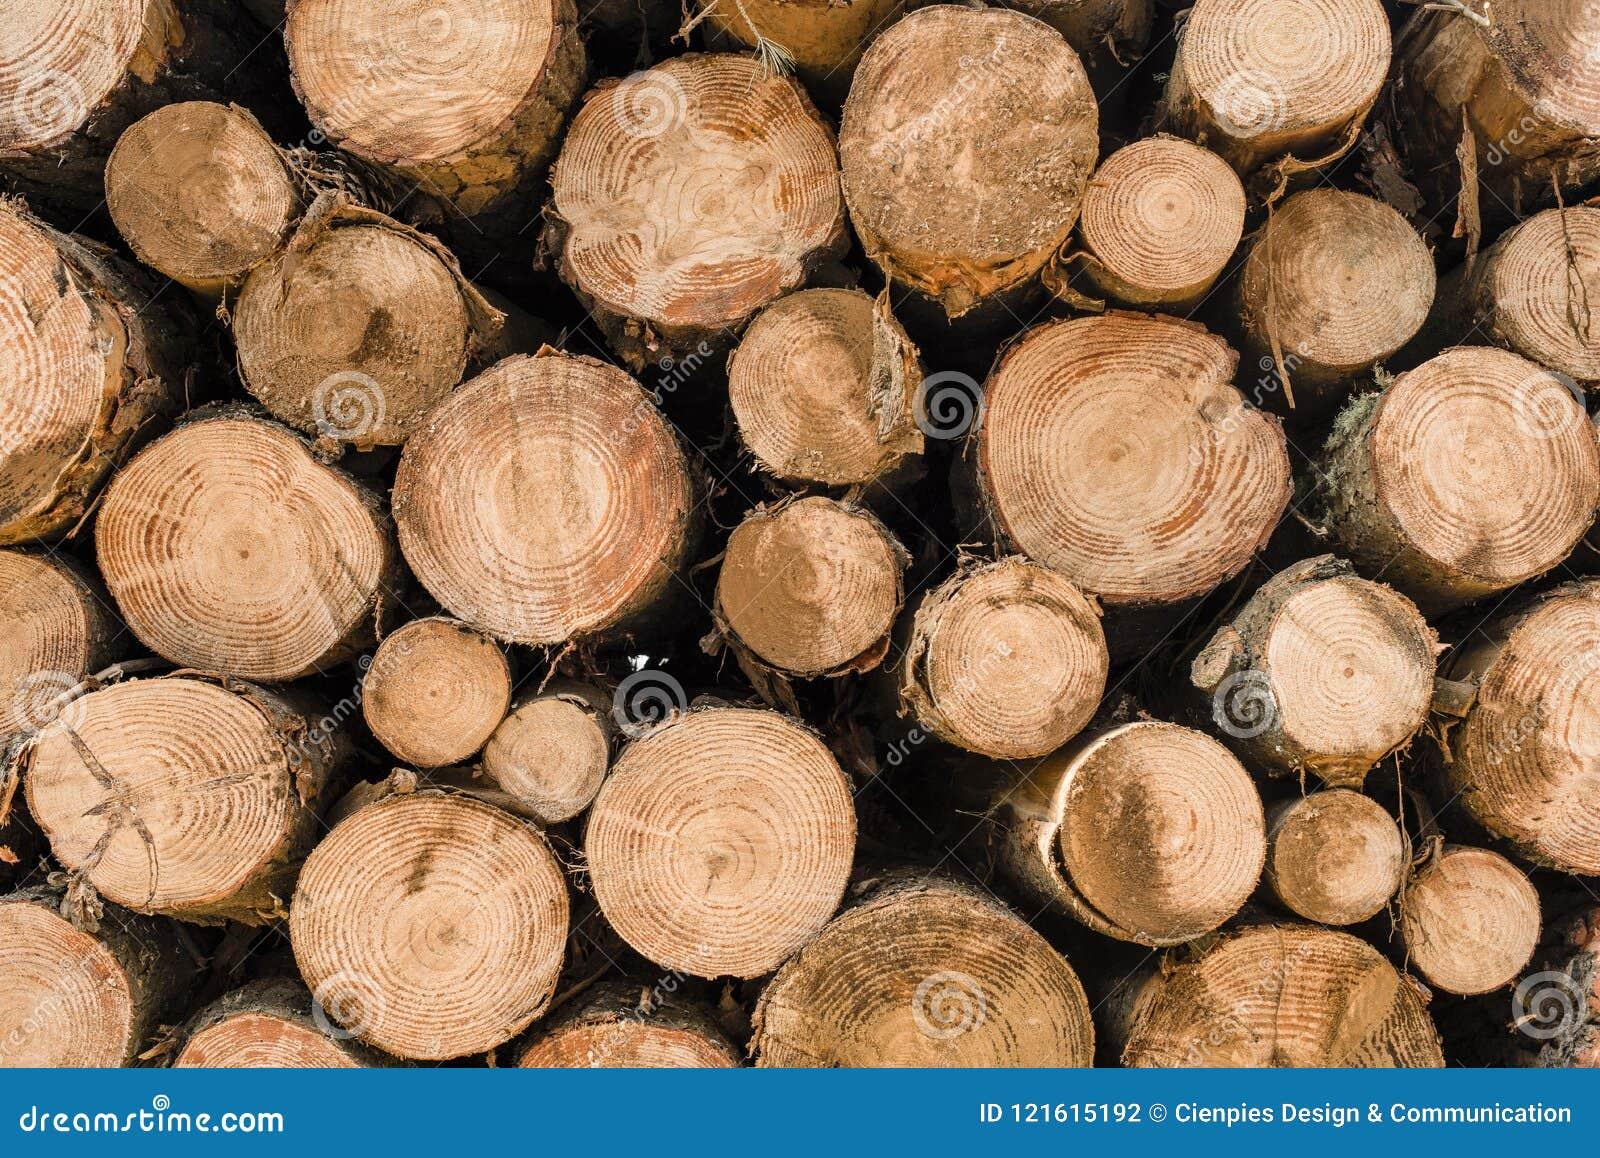 Ξύλινο υπόβαθρο σωρών κούτσουρων για τη βιομηχανία ξυλείας